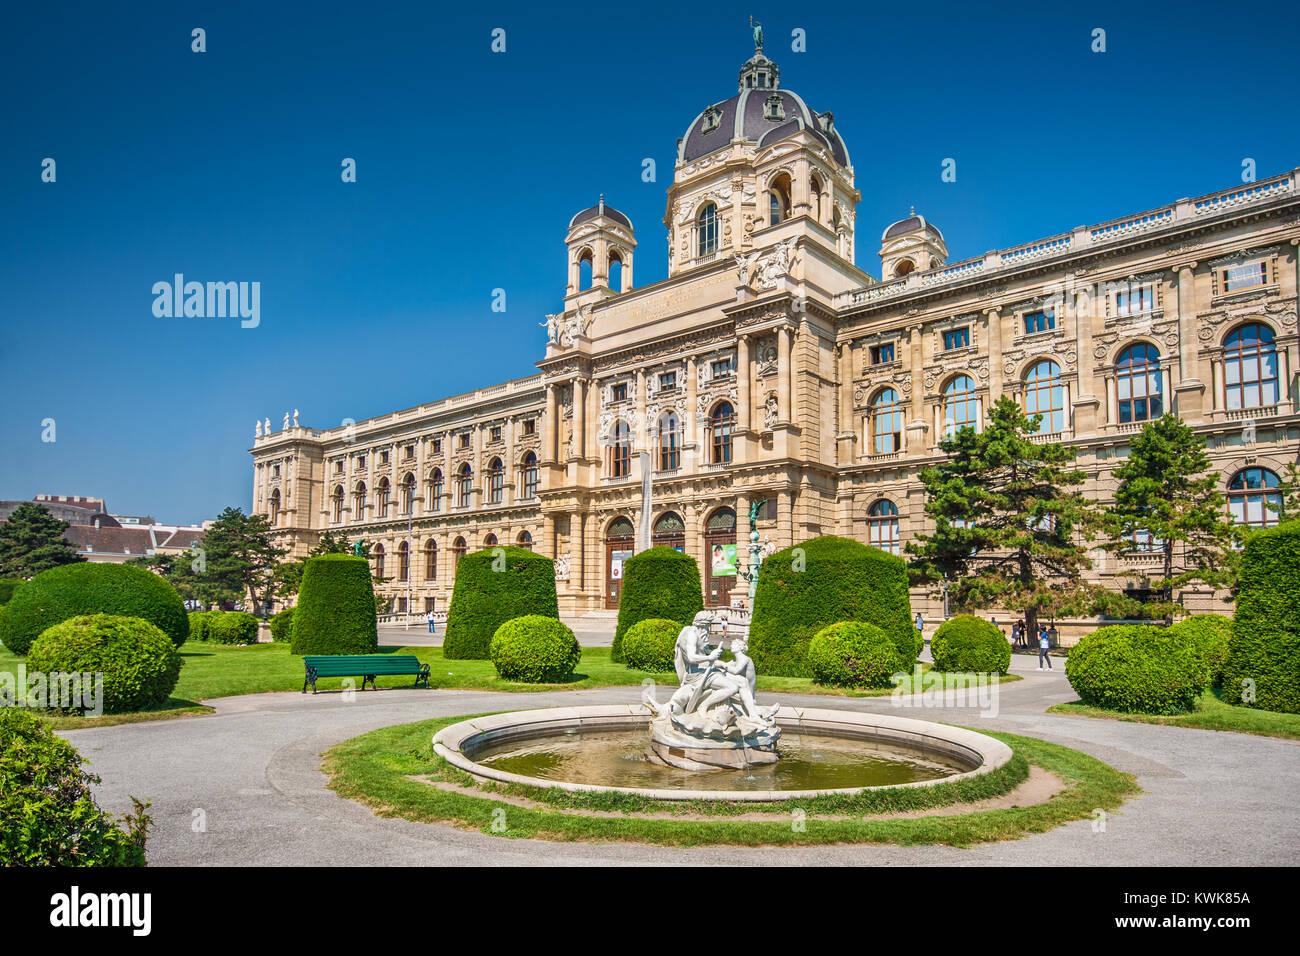 Bellissima vista del famoso Naturhistorisches Museum (Museo di Storia Naturale) con il parco e la scultura a Vienna, Immagini Stock